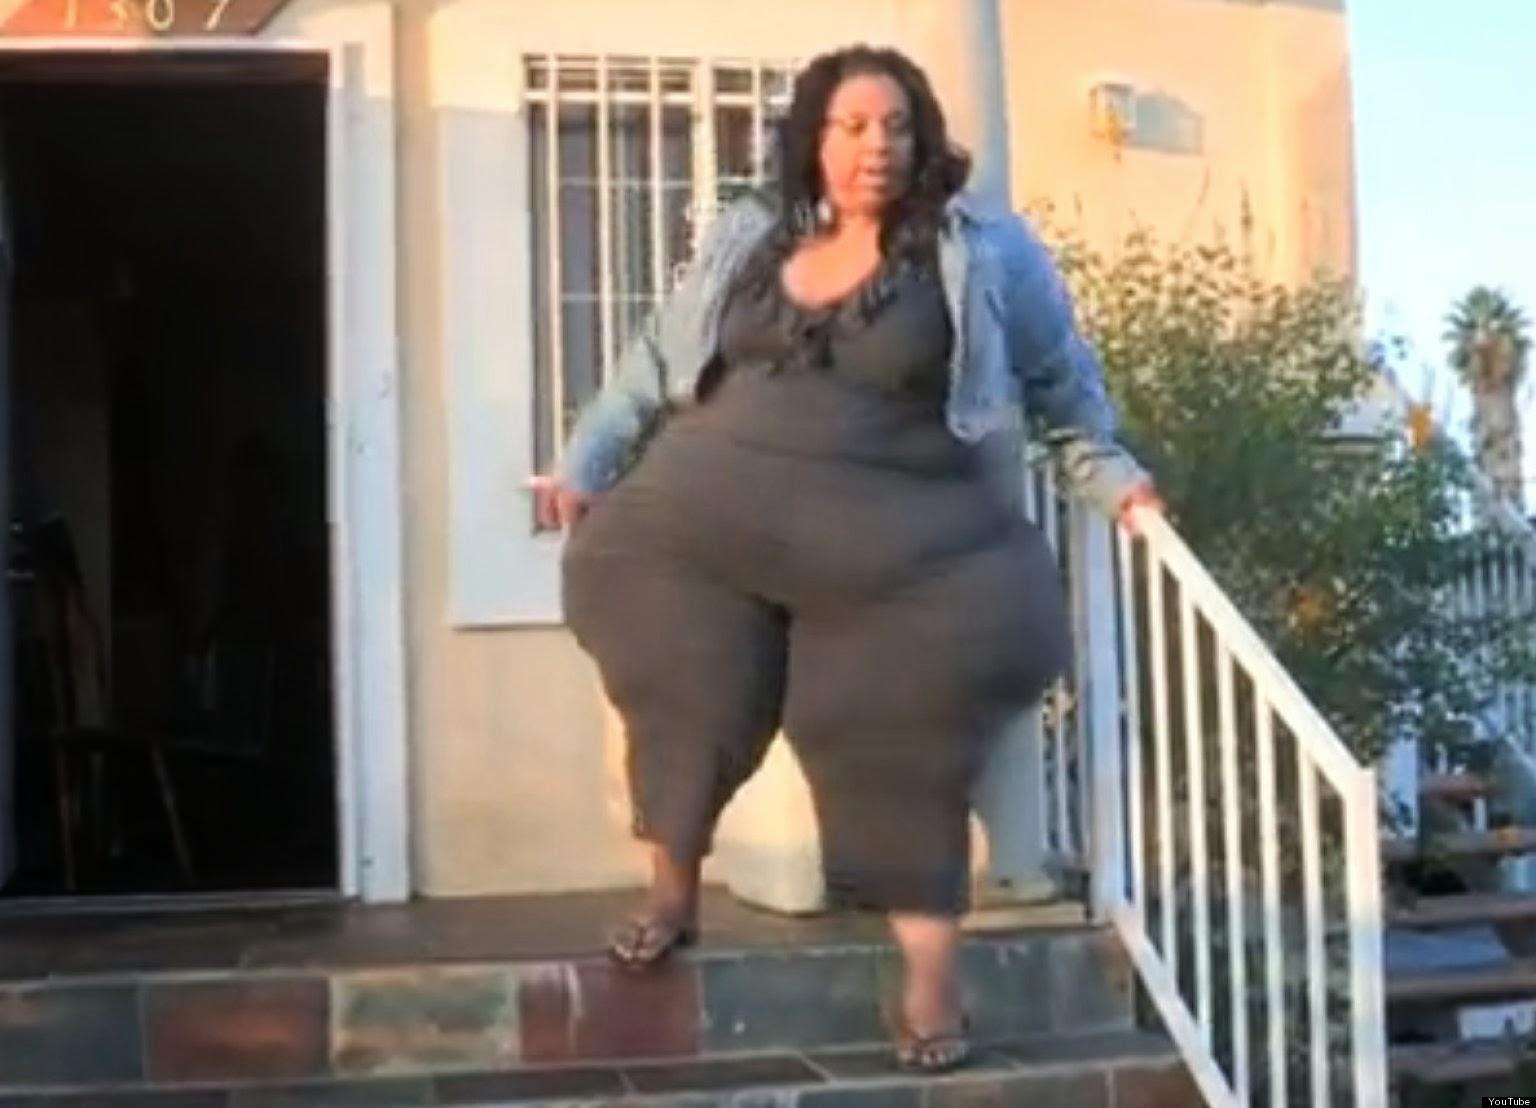 Фото большие женские бёдра, Голые бедра - фото с широкими и большими бедрами 2 фотография